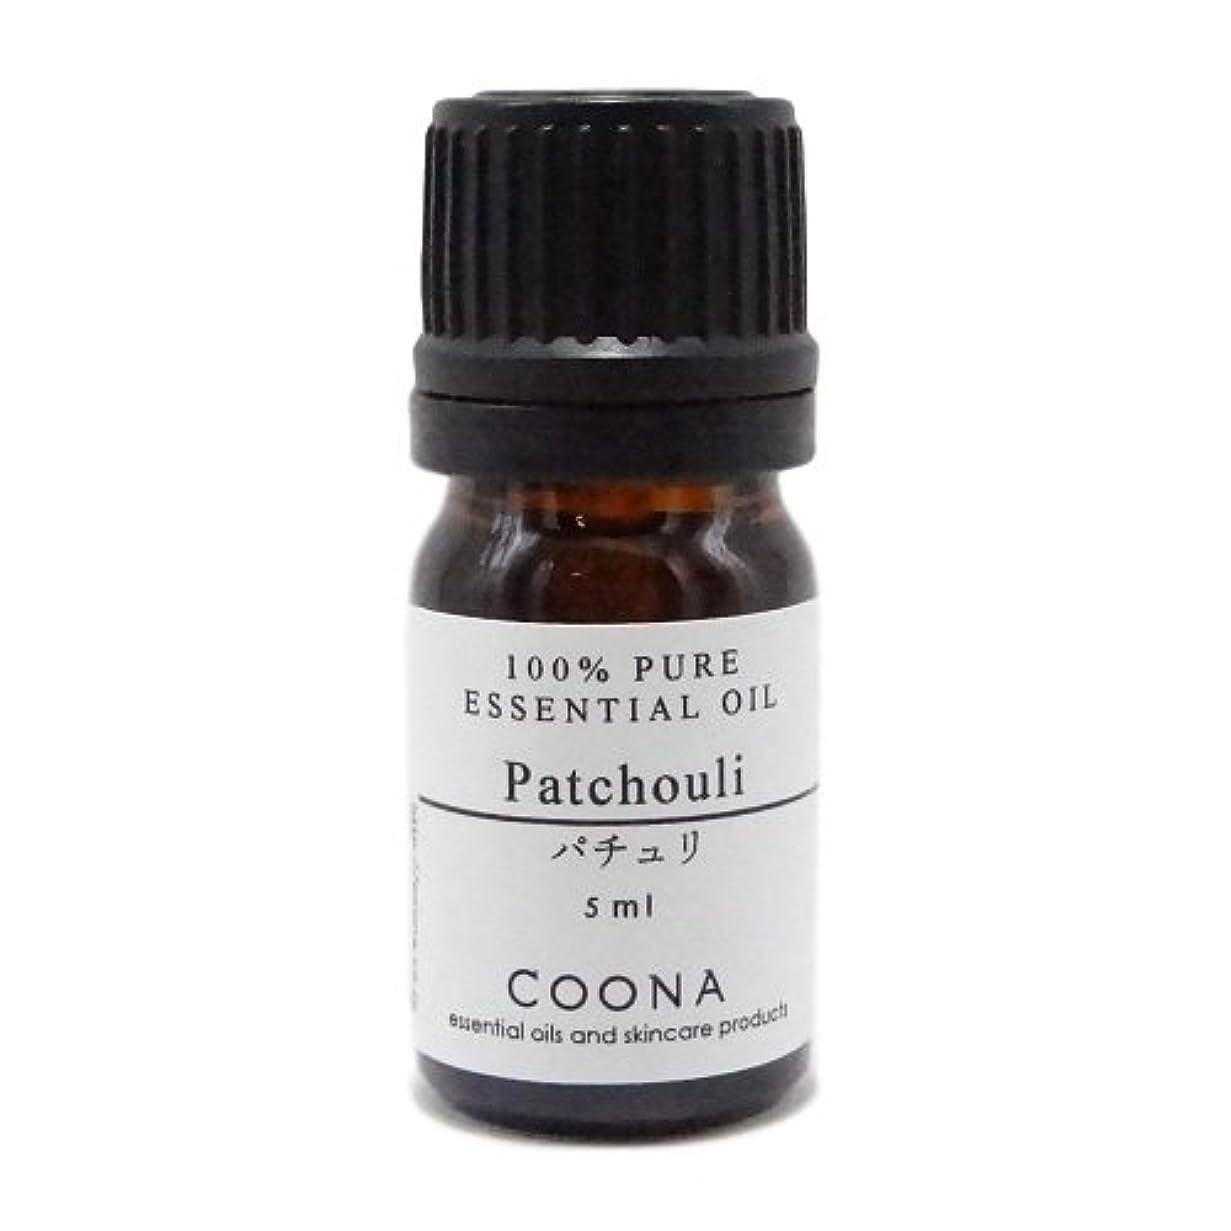 近代化スリーブドラフトパチュリ 5 ml (COONA エッセンシャルオイル アロマオイル 100%天然植物精油)